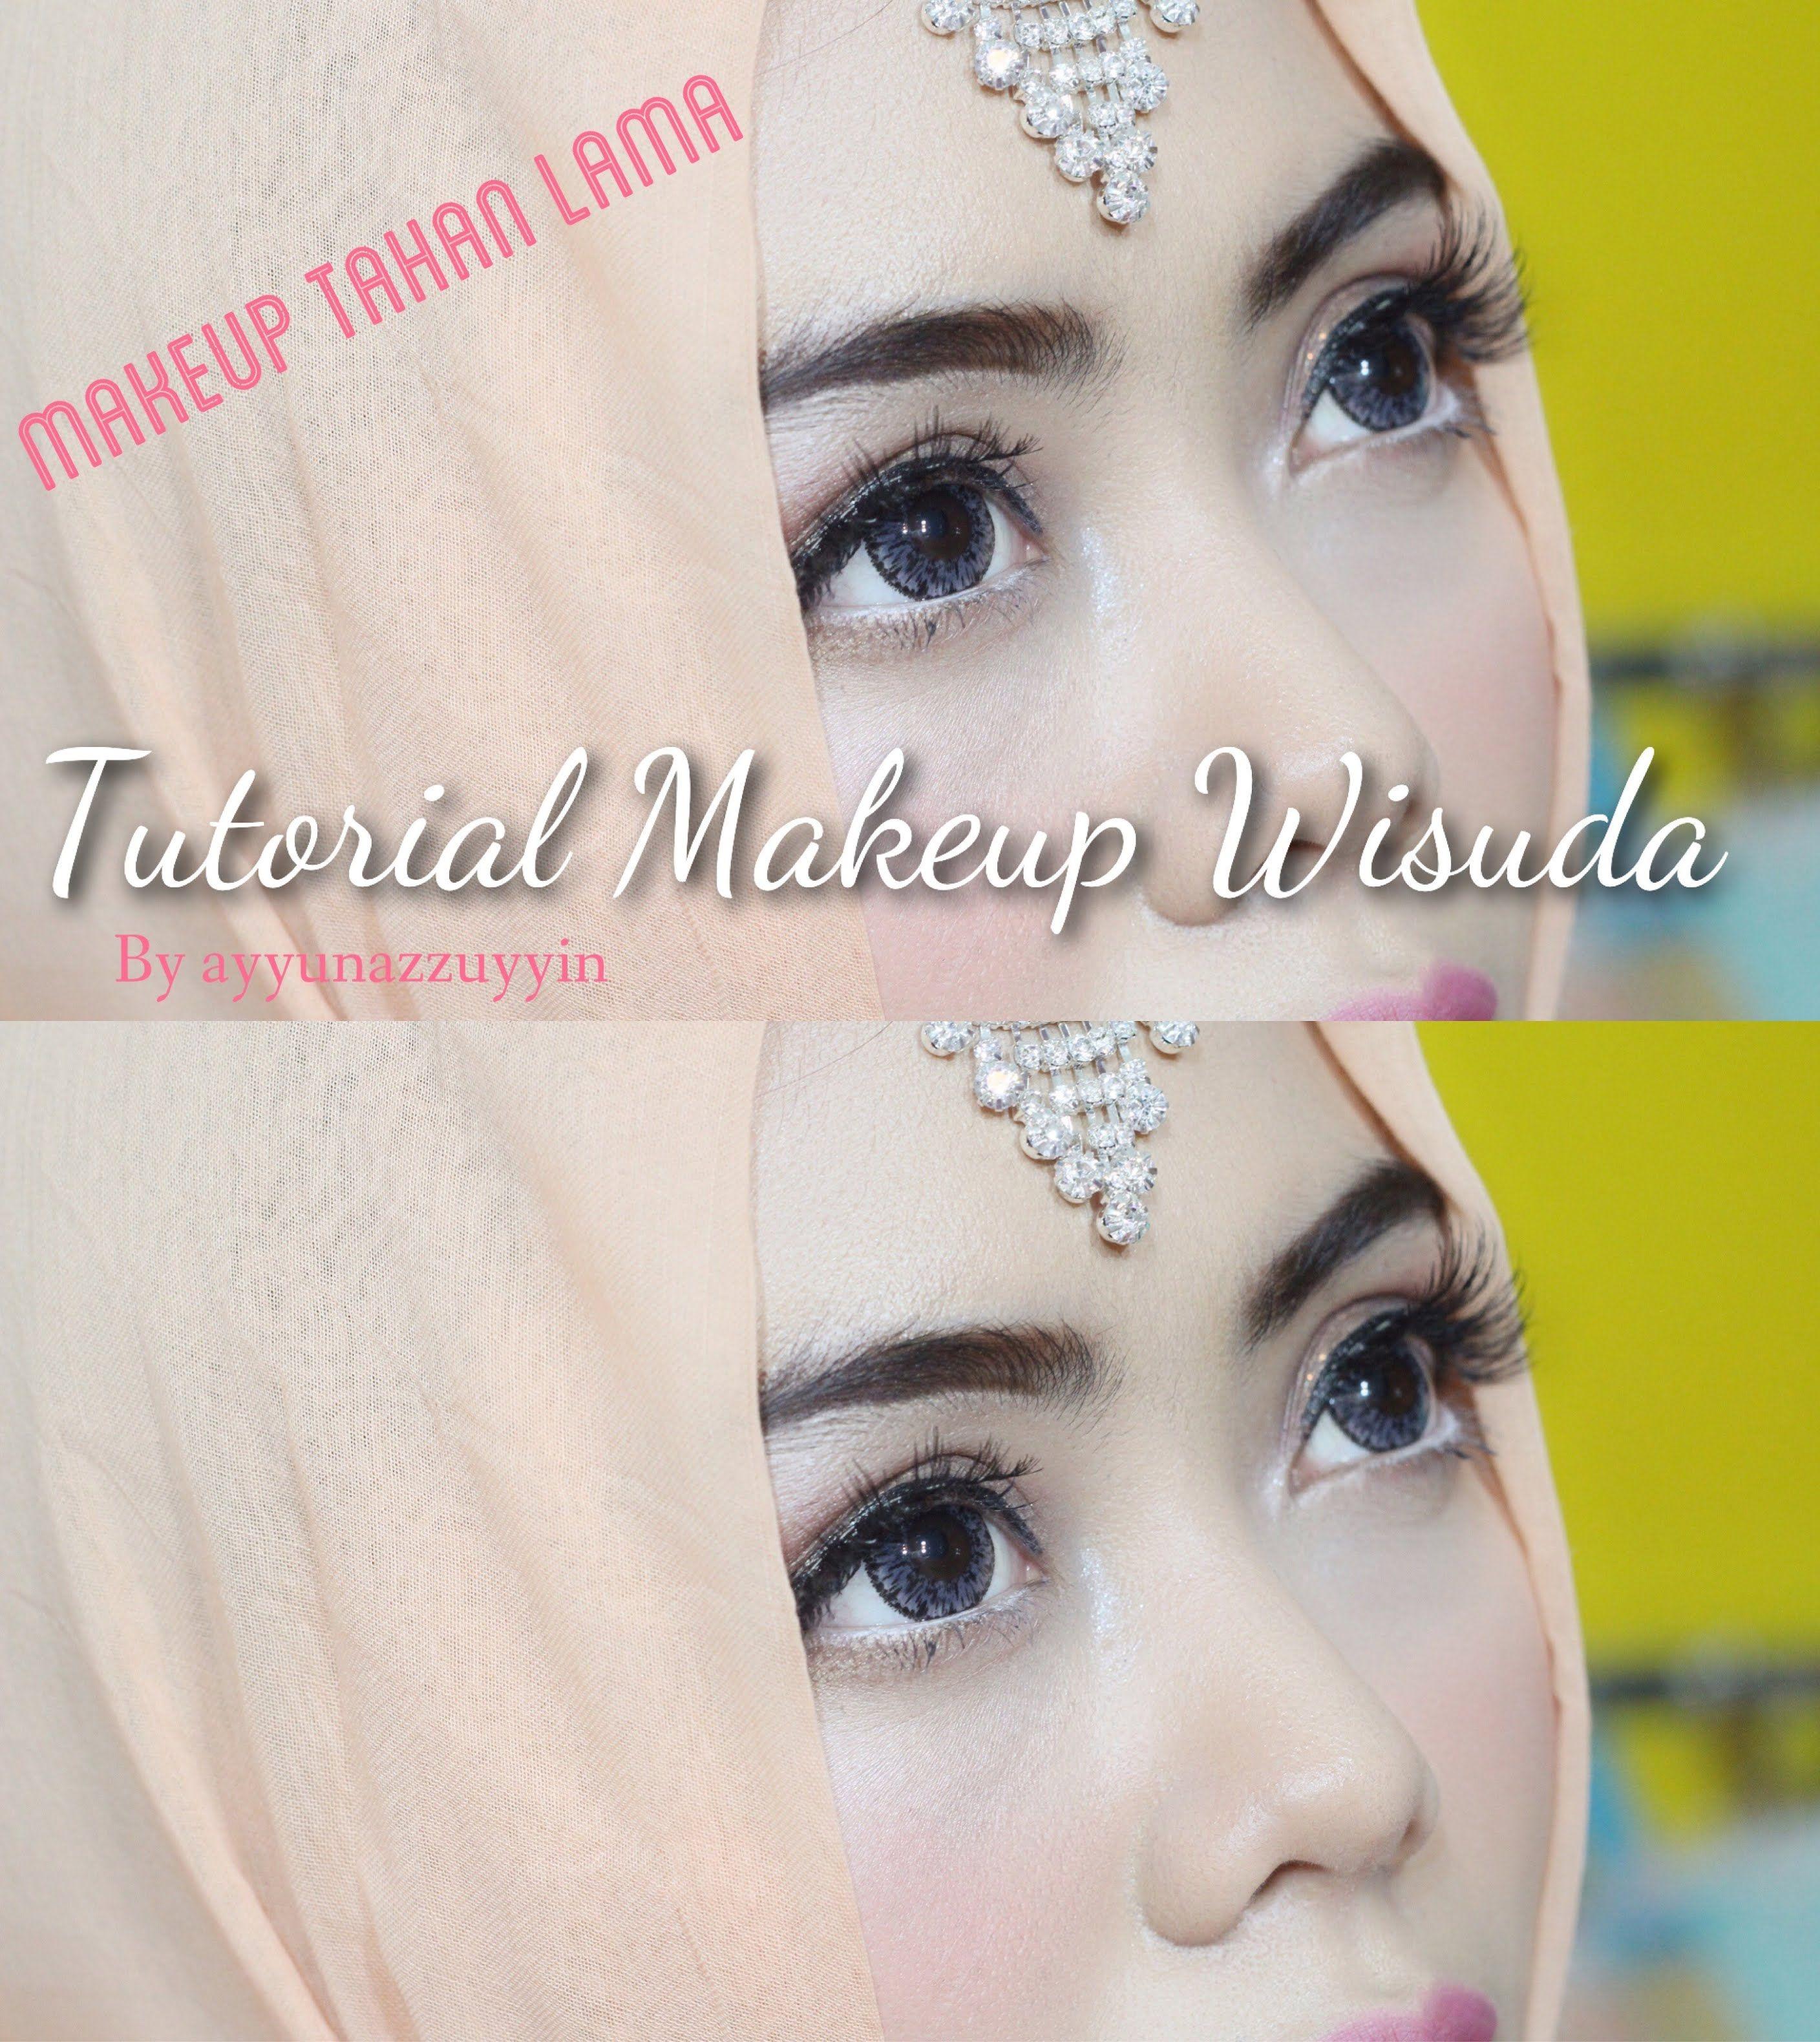 Make Up Wisuda Surabaya Make up, Wajah, Pengantin